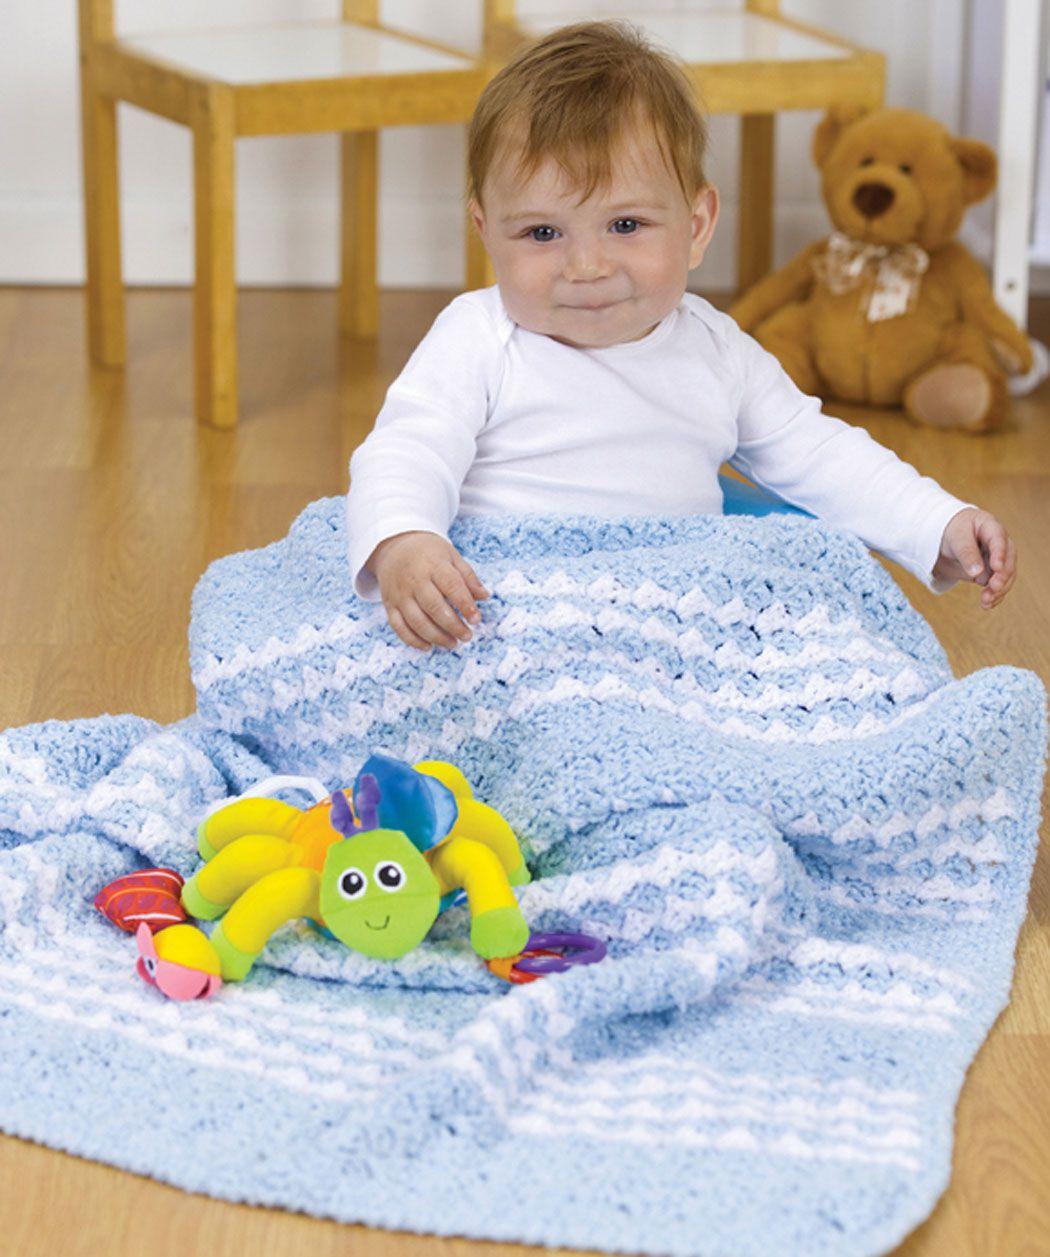 Gestreifte Babydecke | Handarbeiten | Pinterest | Babydecken ...